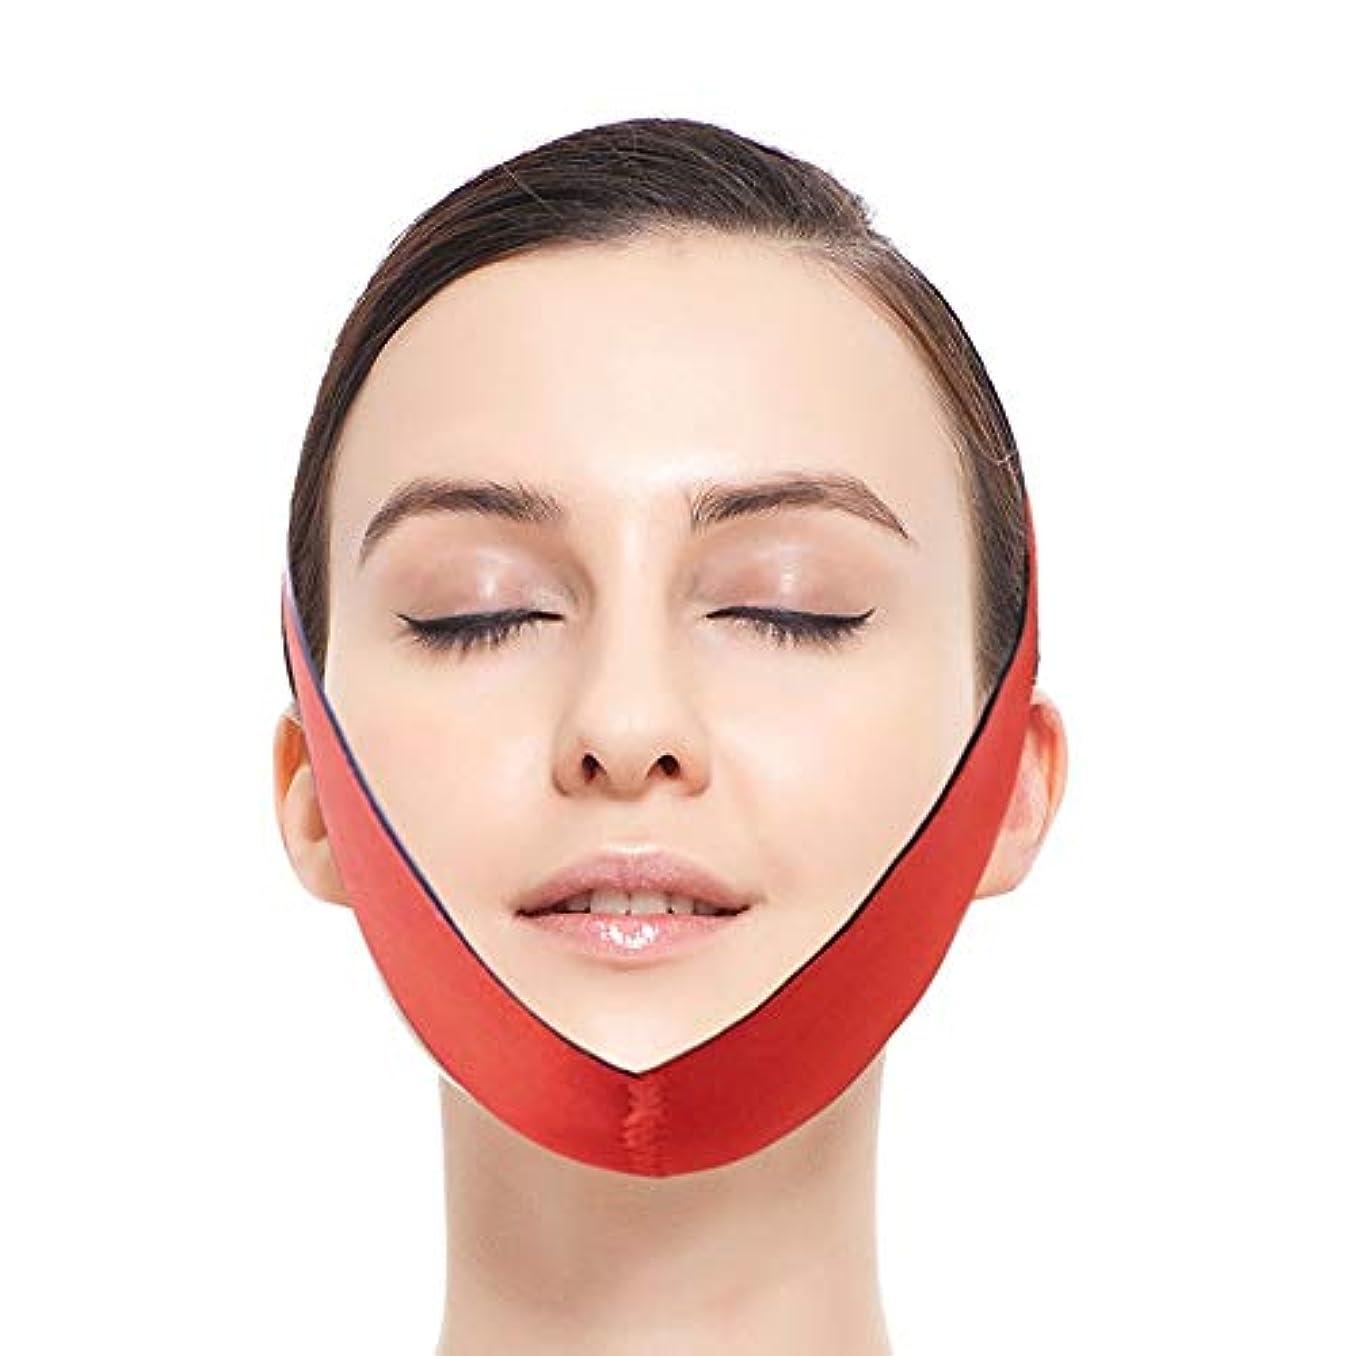 受け入れたスーパー晩ごはんJia Jia- フェイスリフティングアーティファクトVフェイス包帯マスクダブルあご引き締め顔薄い咬傷筋肉下顎矯正顔 顔面包帯